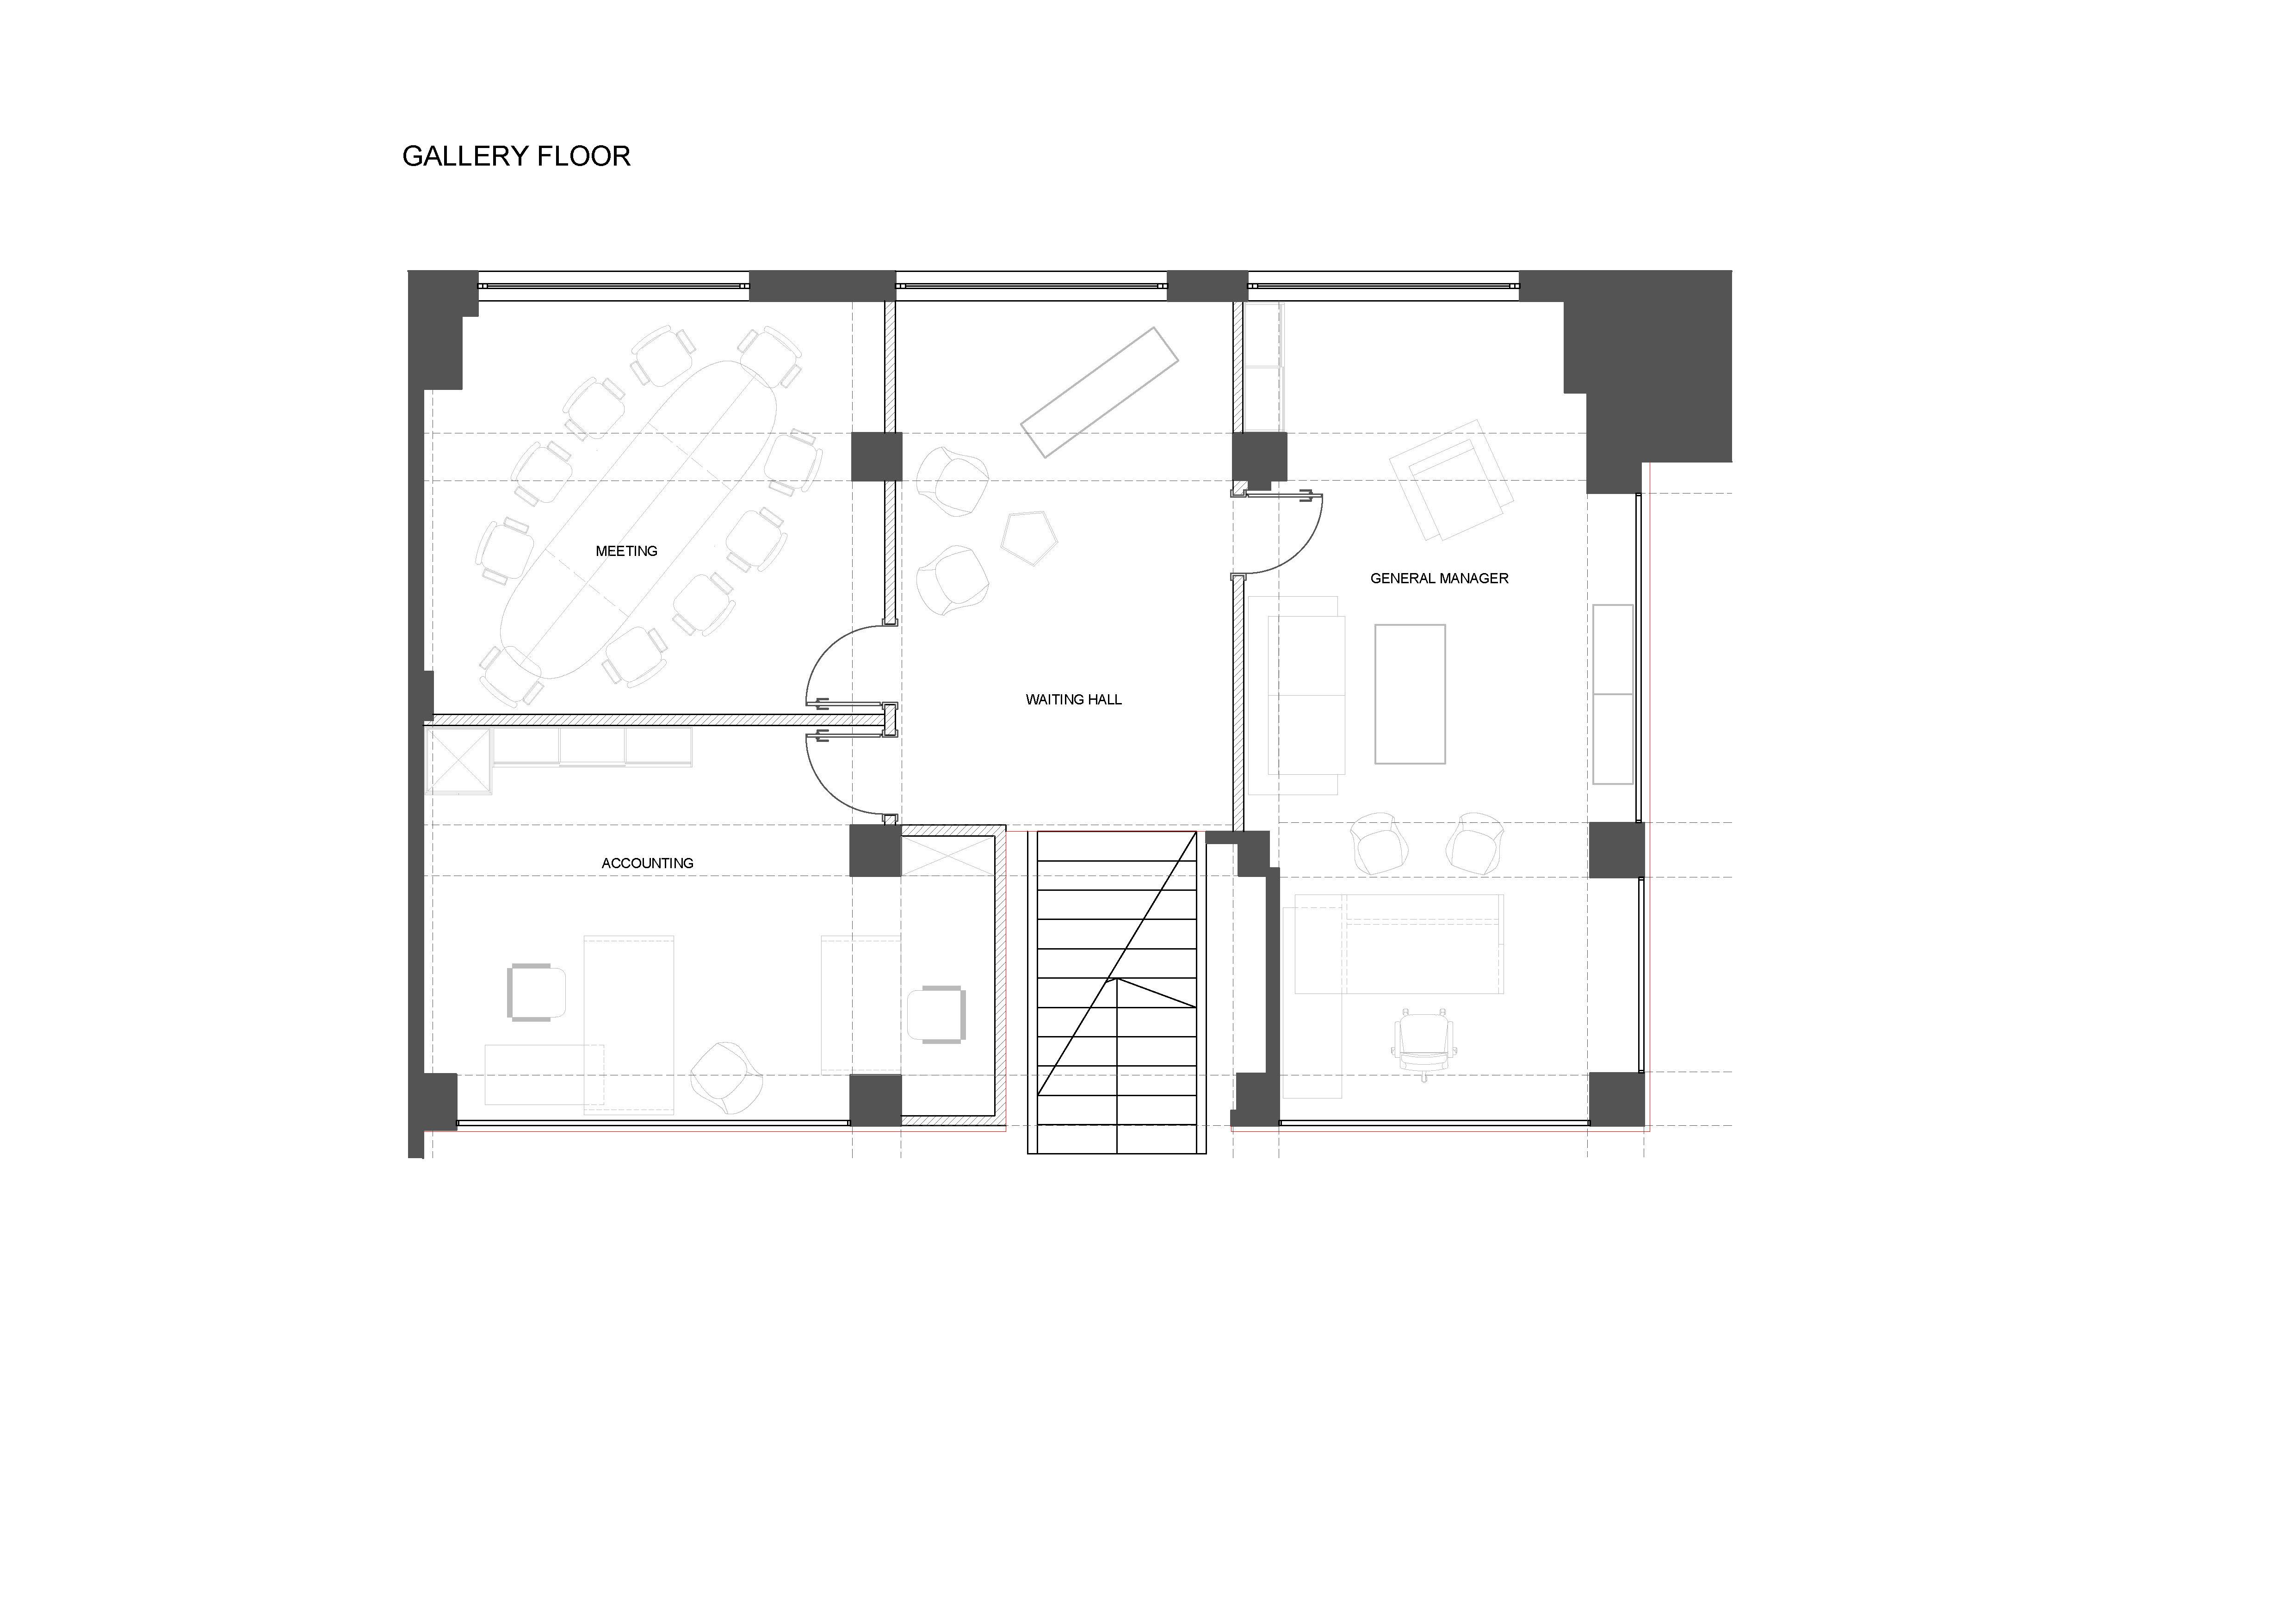 ta-gallery-floor